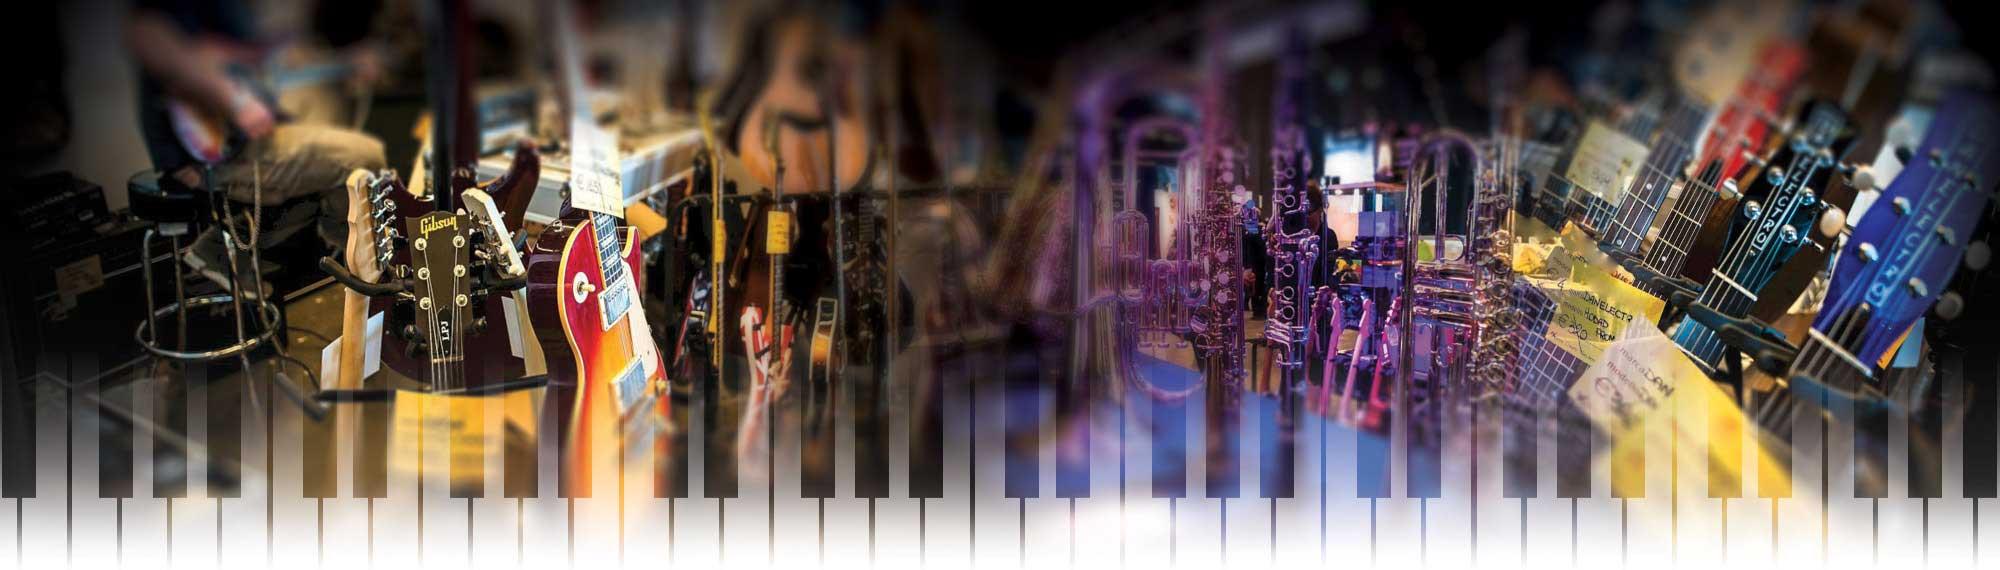 Fim_Fiera_Internazionale_della_musica_bg17